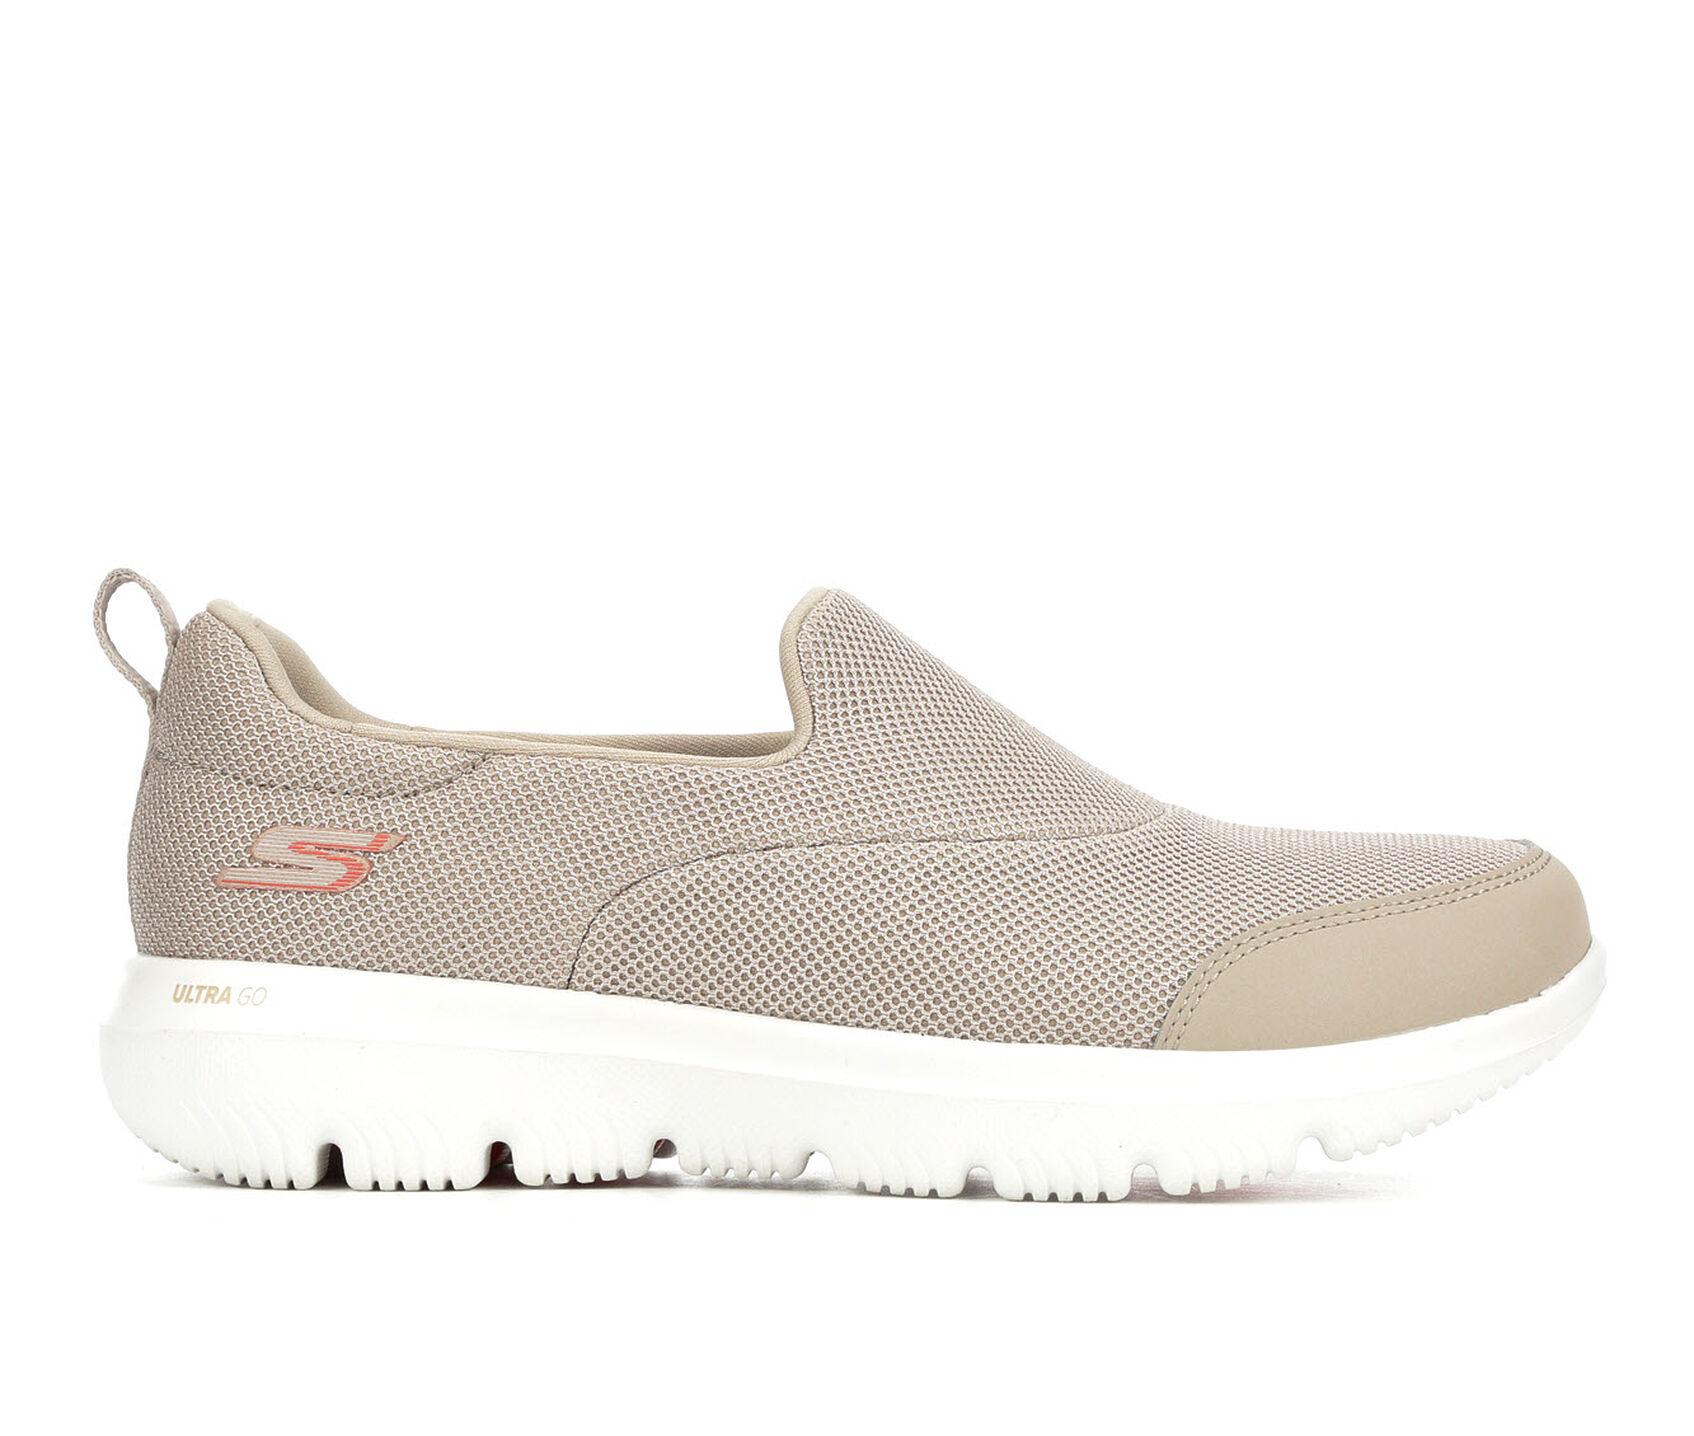 a3aad646d77a3 Women's Skechers Go Go Ultra Reach 15730 | Shoe Carnival